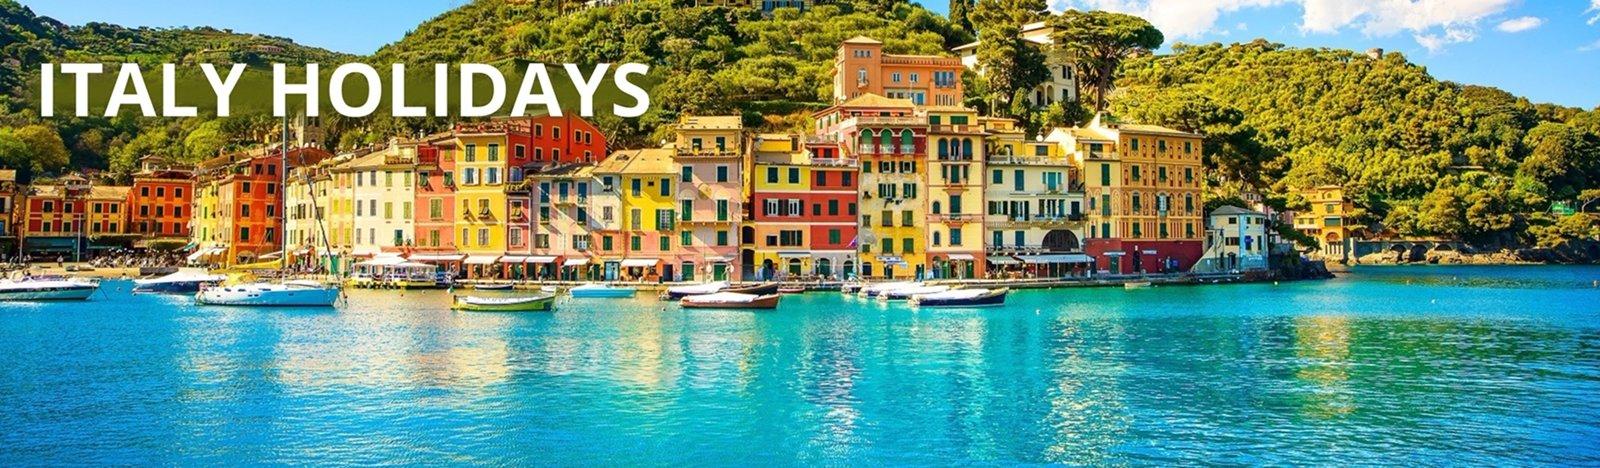 Disney Adventure Tours Italy